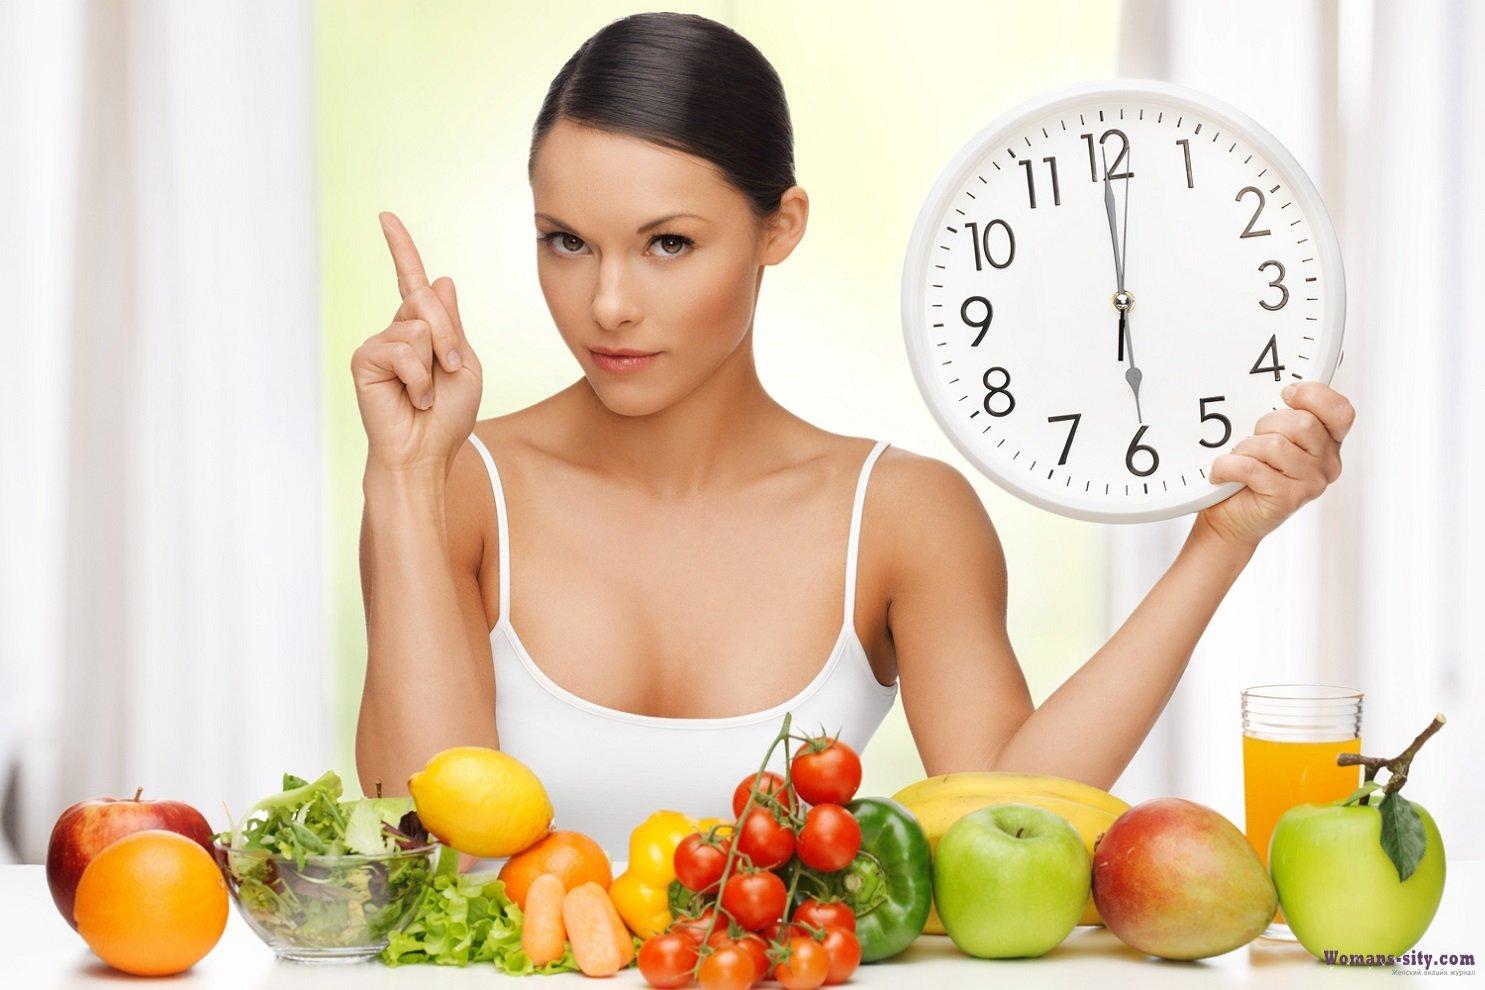 Как похудеть за неделю на 5 кг в домашних условиях без вреда? 85